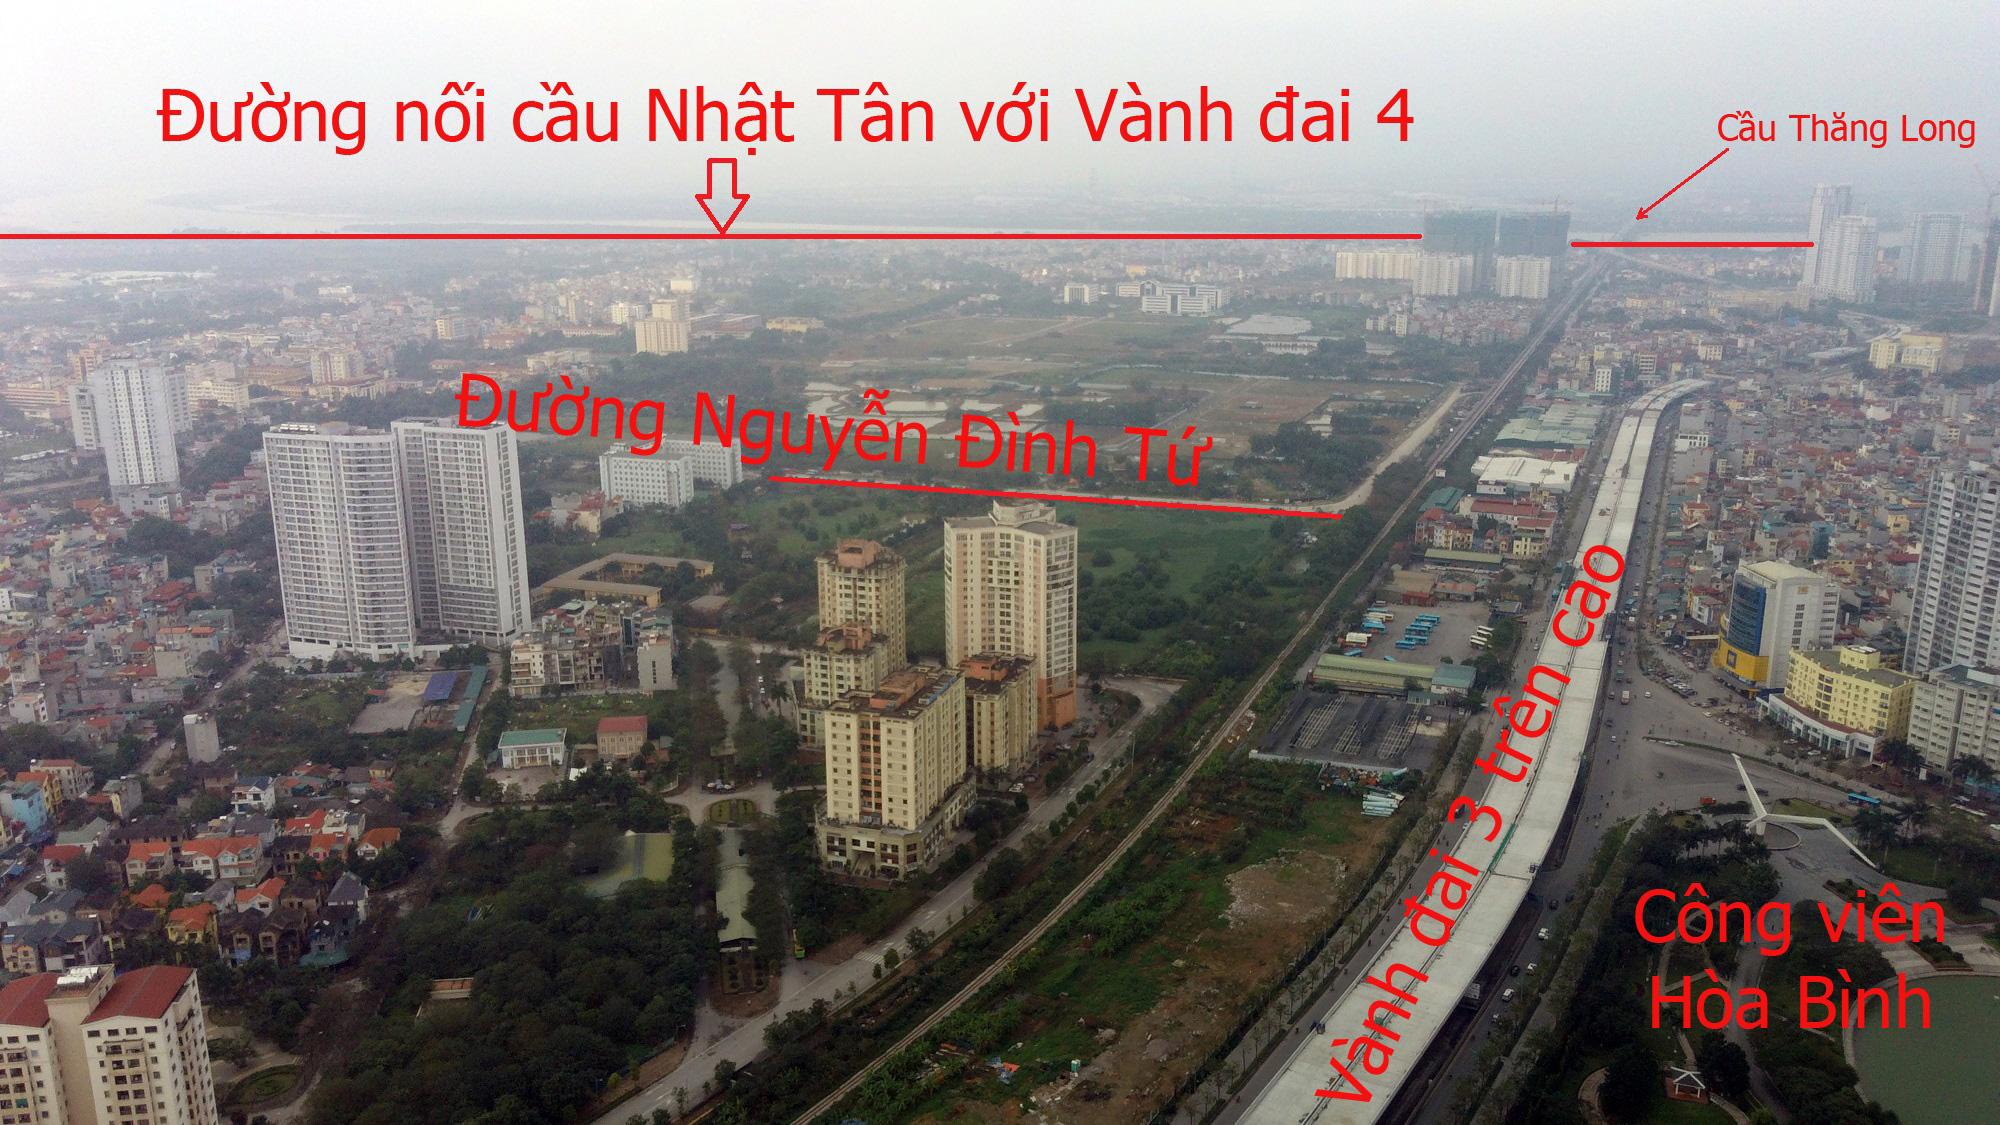 Đường sẽ mở theo qui hoạch: Toàn cảnh đường nối cầu Nhật Tân với Vành đai 4 - Ảnh 8.